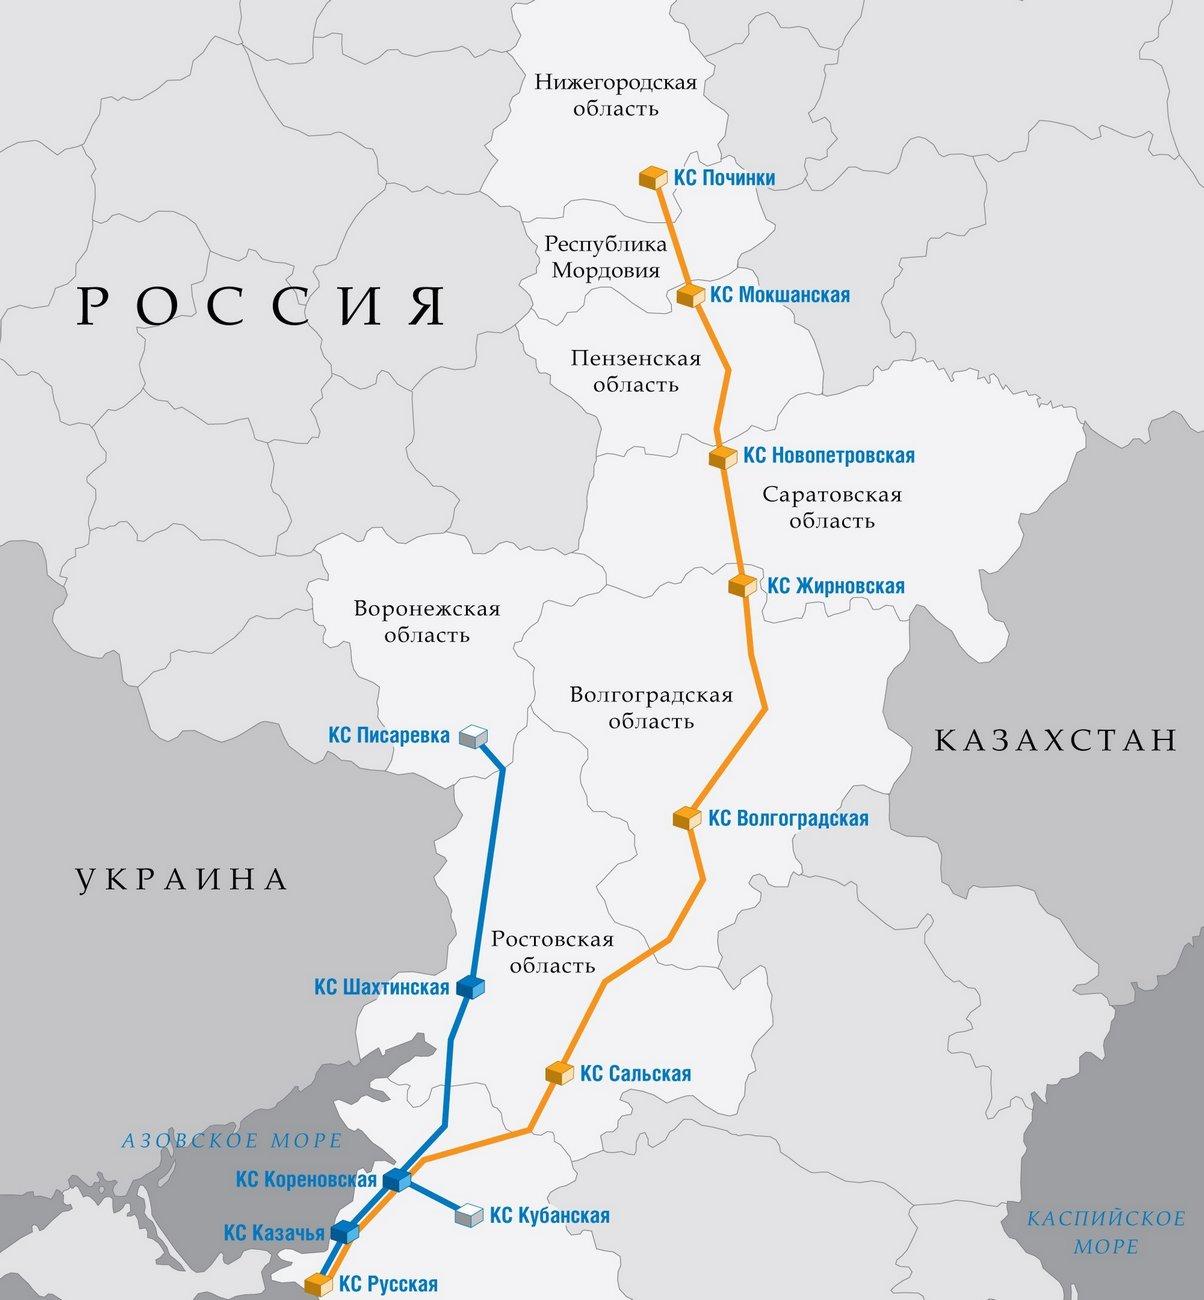 Станция «Кубанская» расположена в Усть-Лабинском районе Краснодарского края. Вопреки расхожим предст